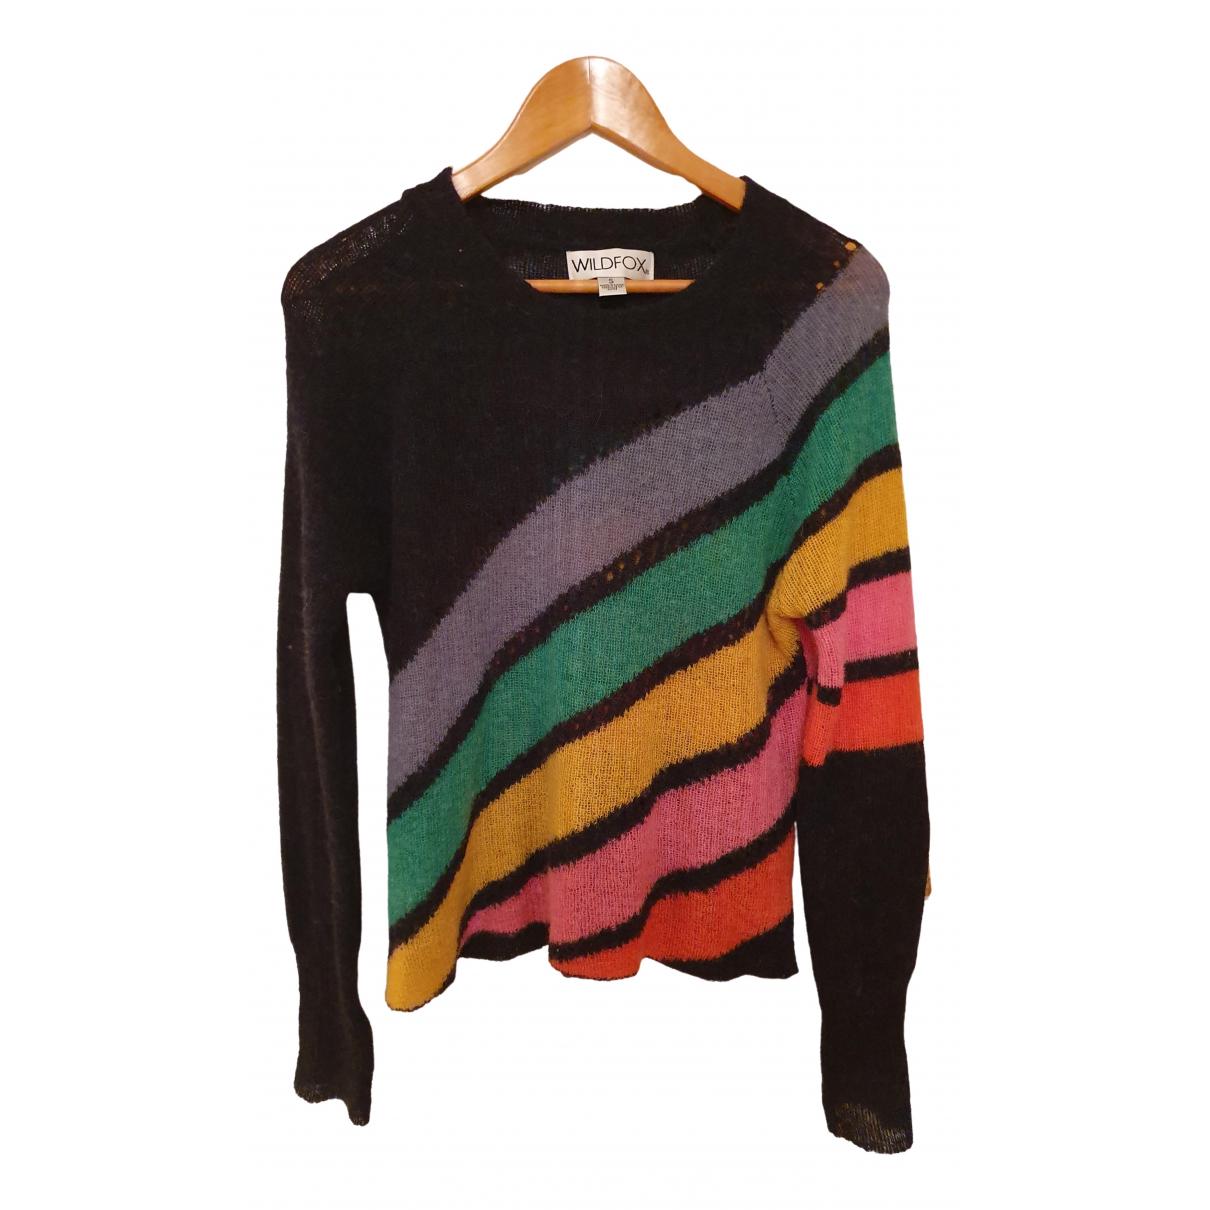 Wildfox - Pull   pour femme en laine - multicolore